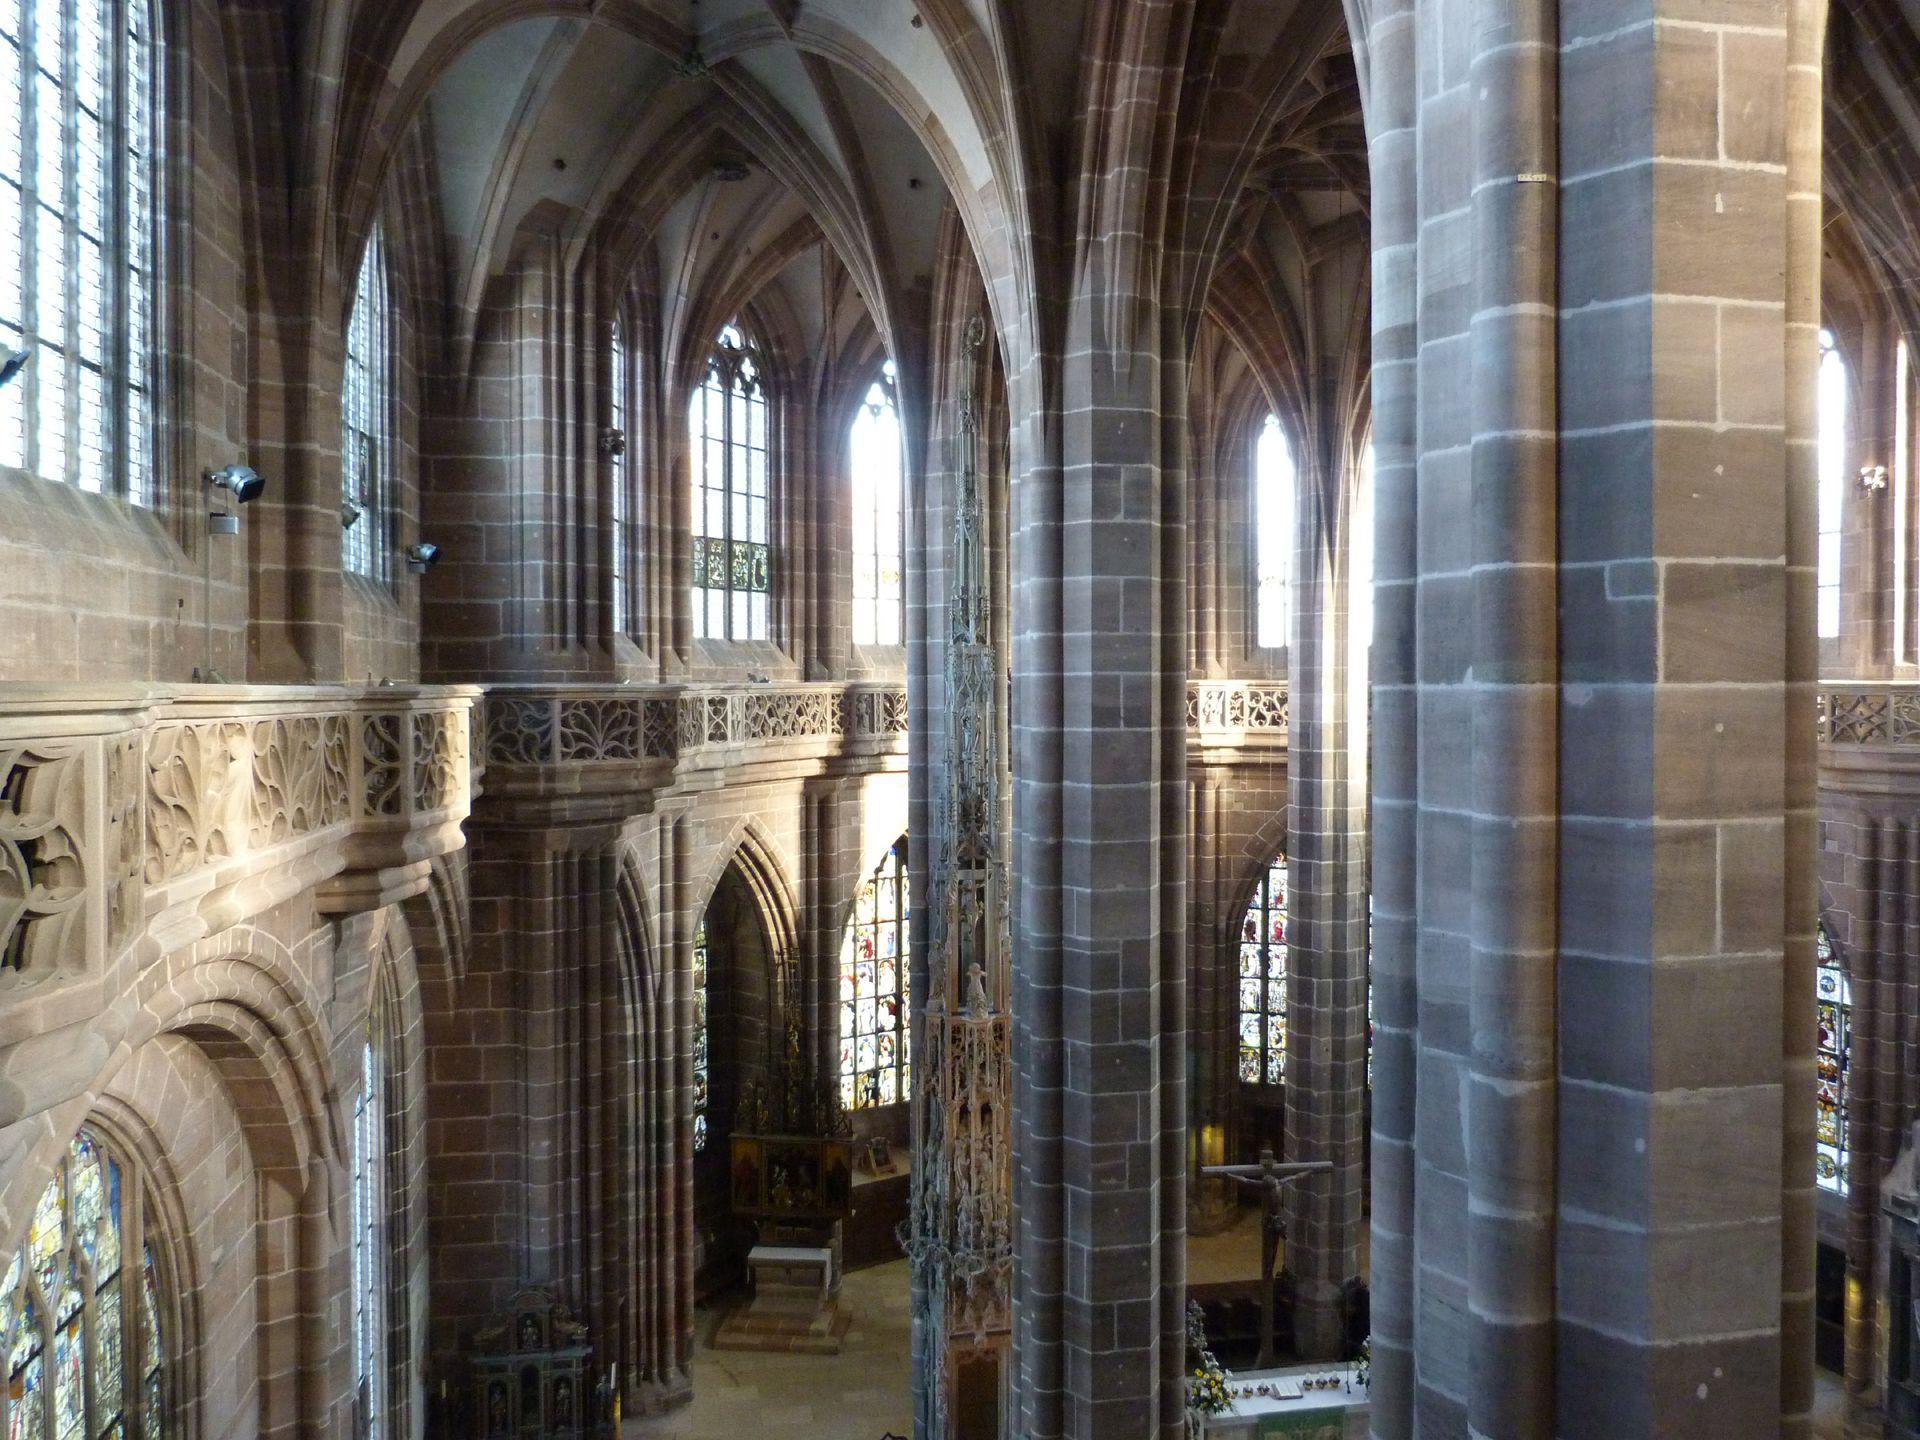 St. Lorenz, Chor Innenansicht vom nördlichen Laufgang aus